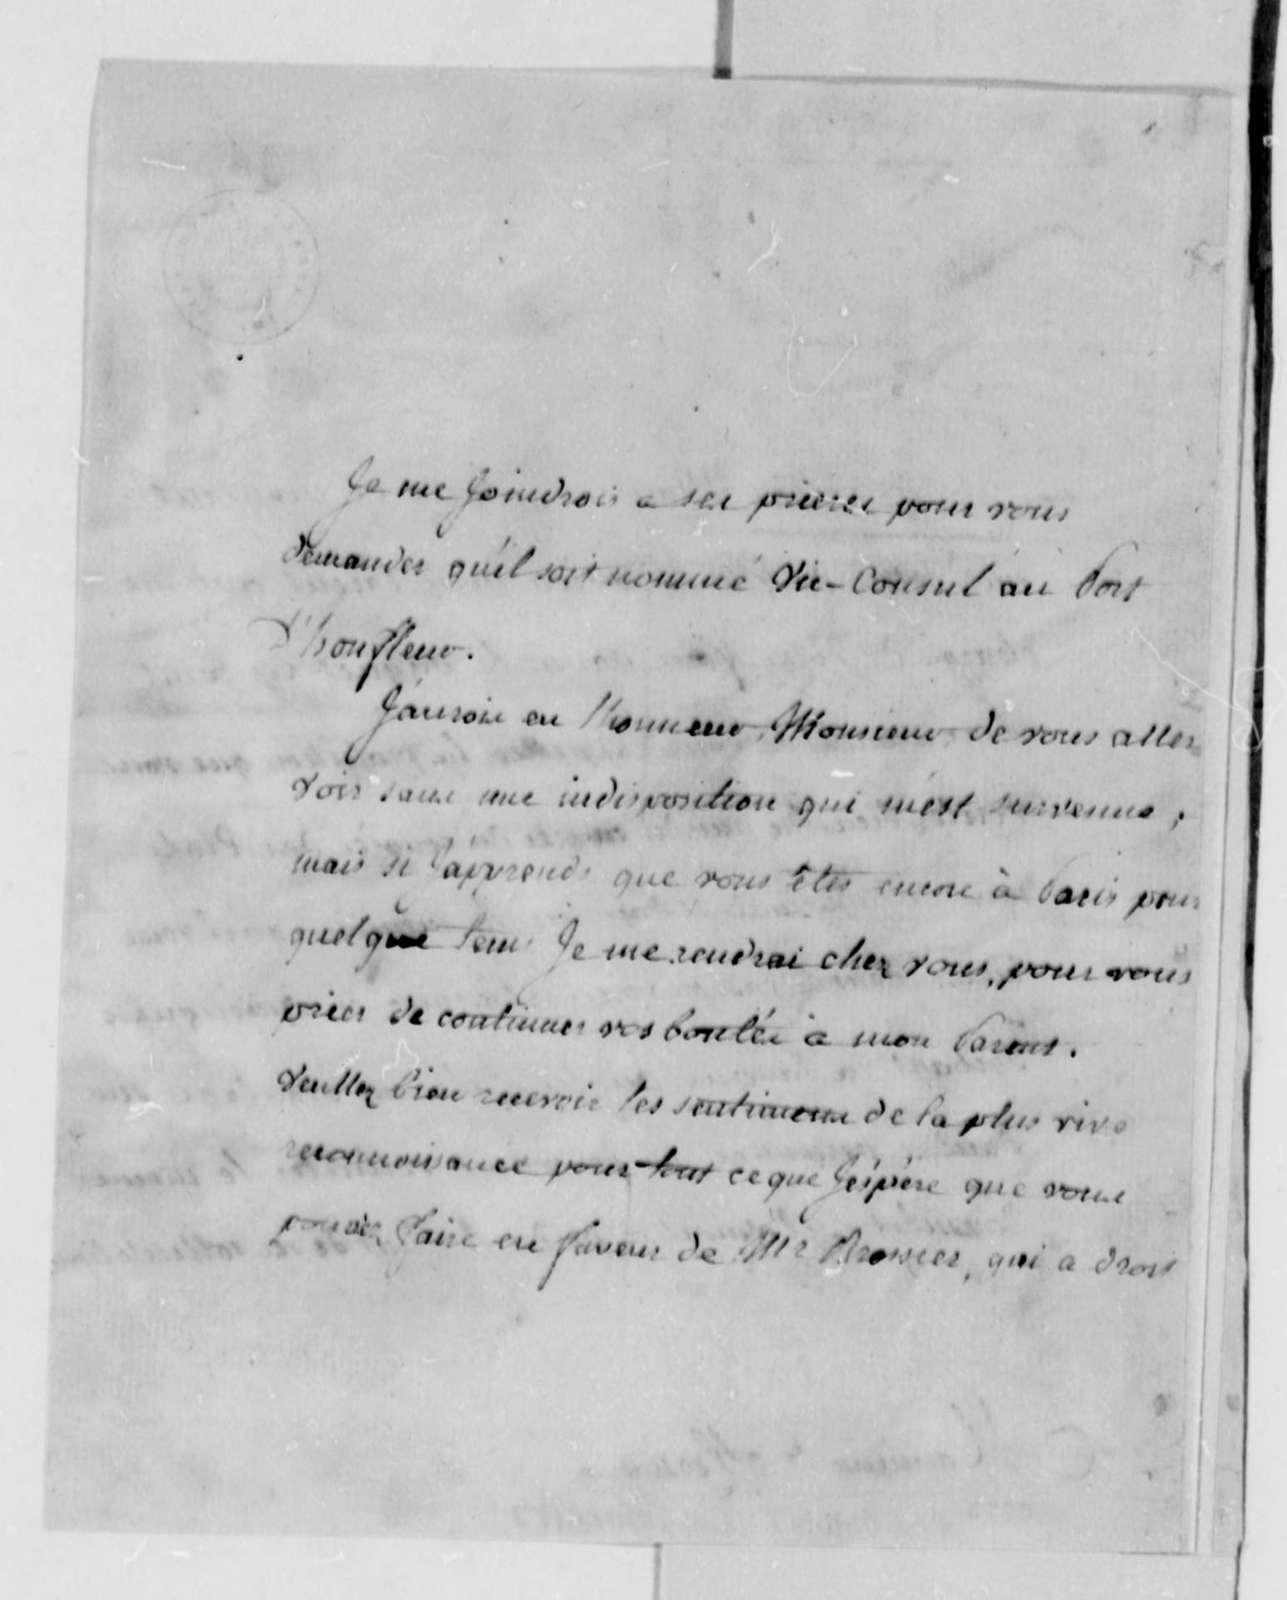 Frimont de Barail to Thomas Jefferson, August 29, 1789